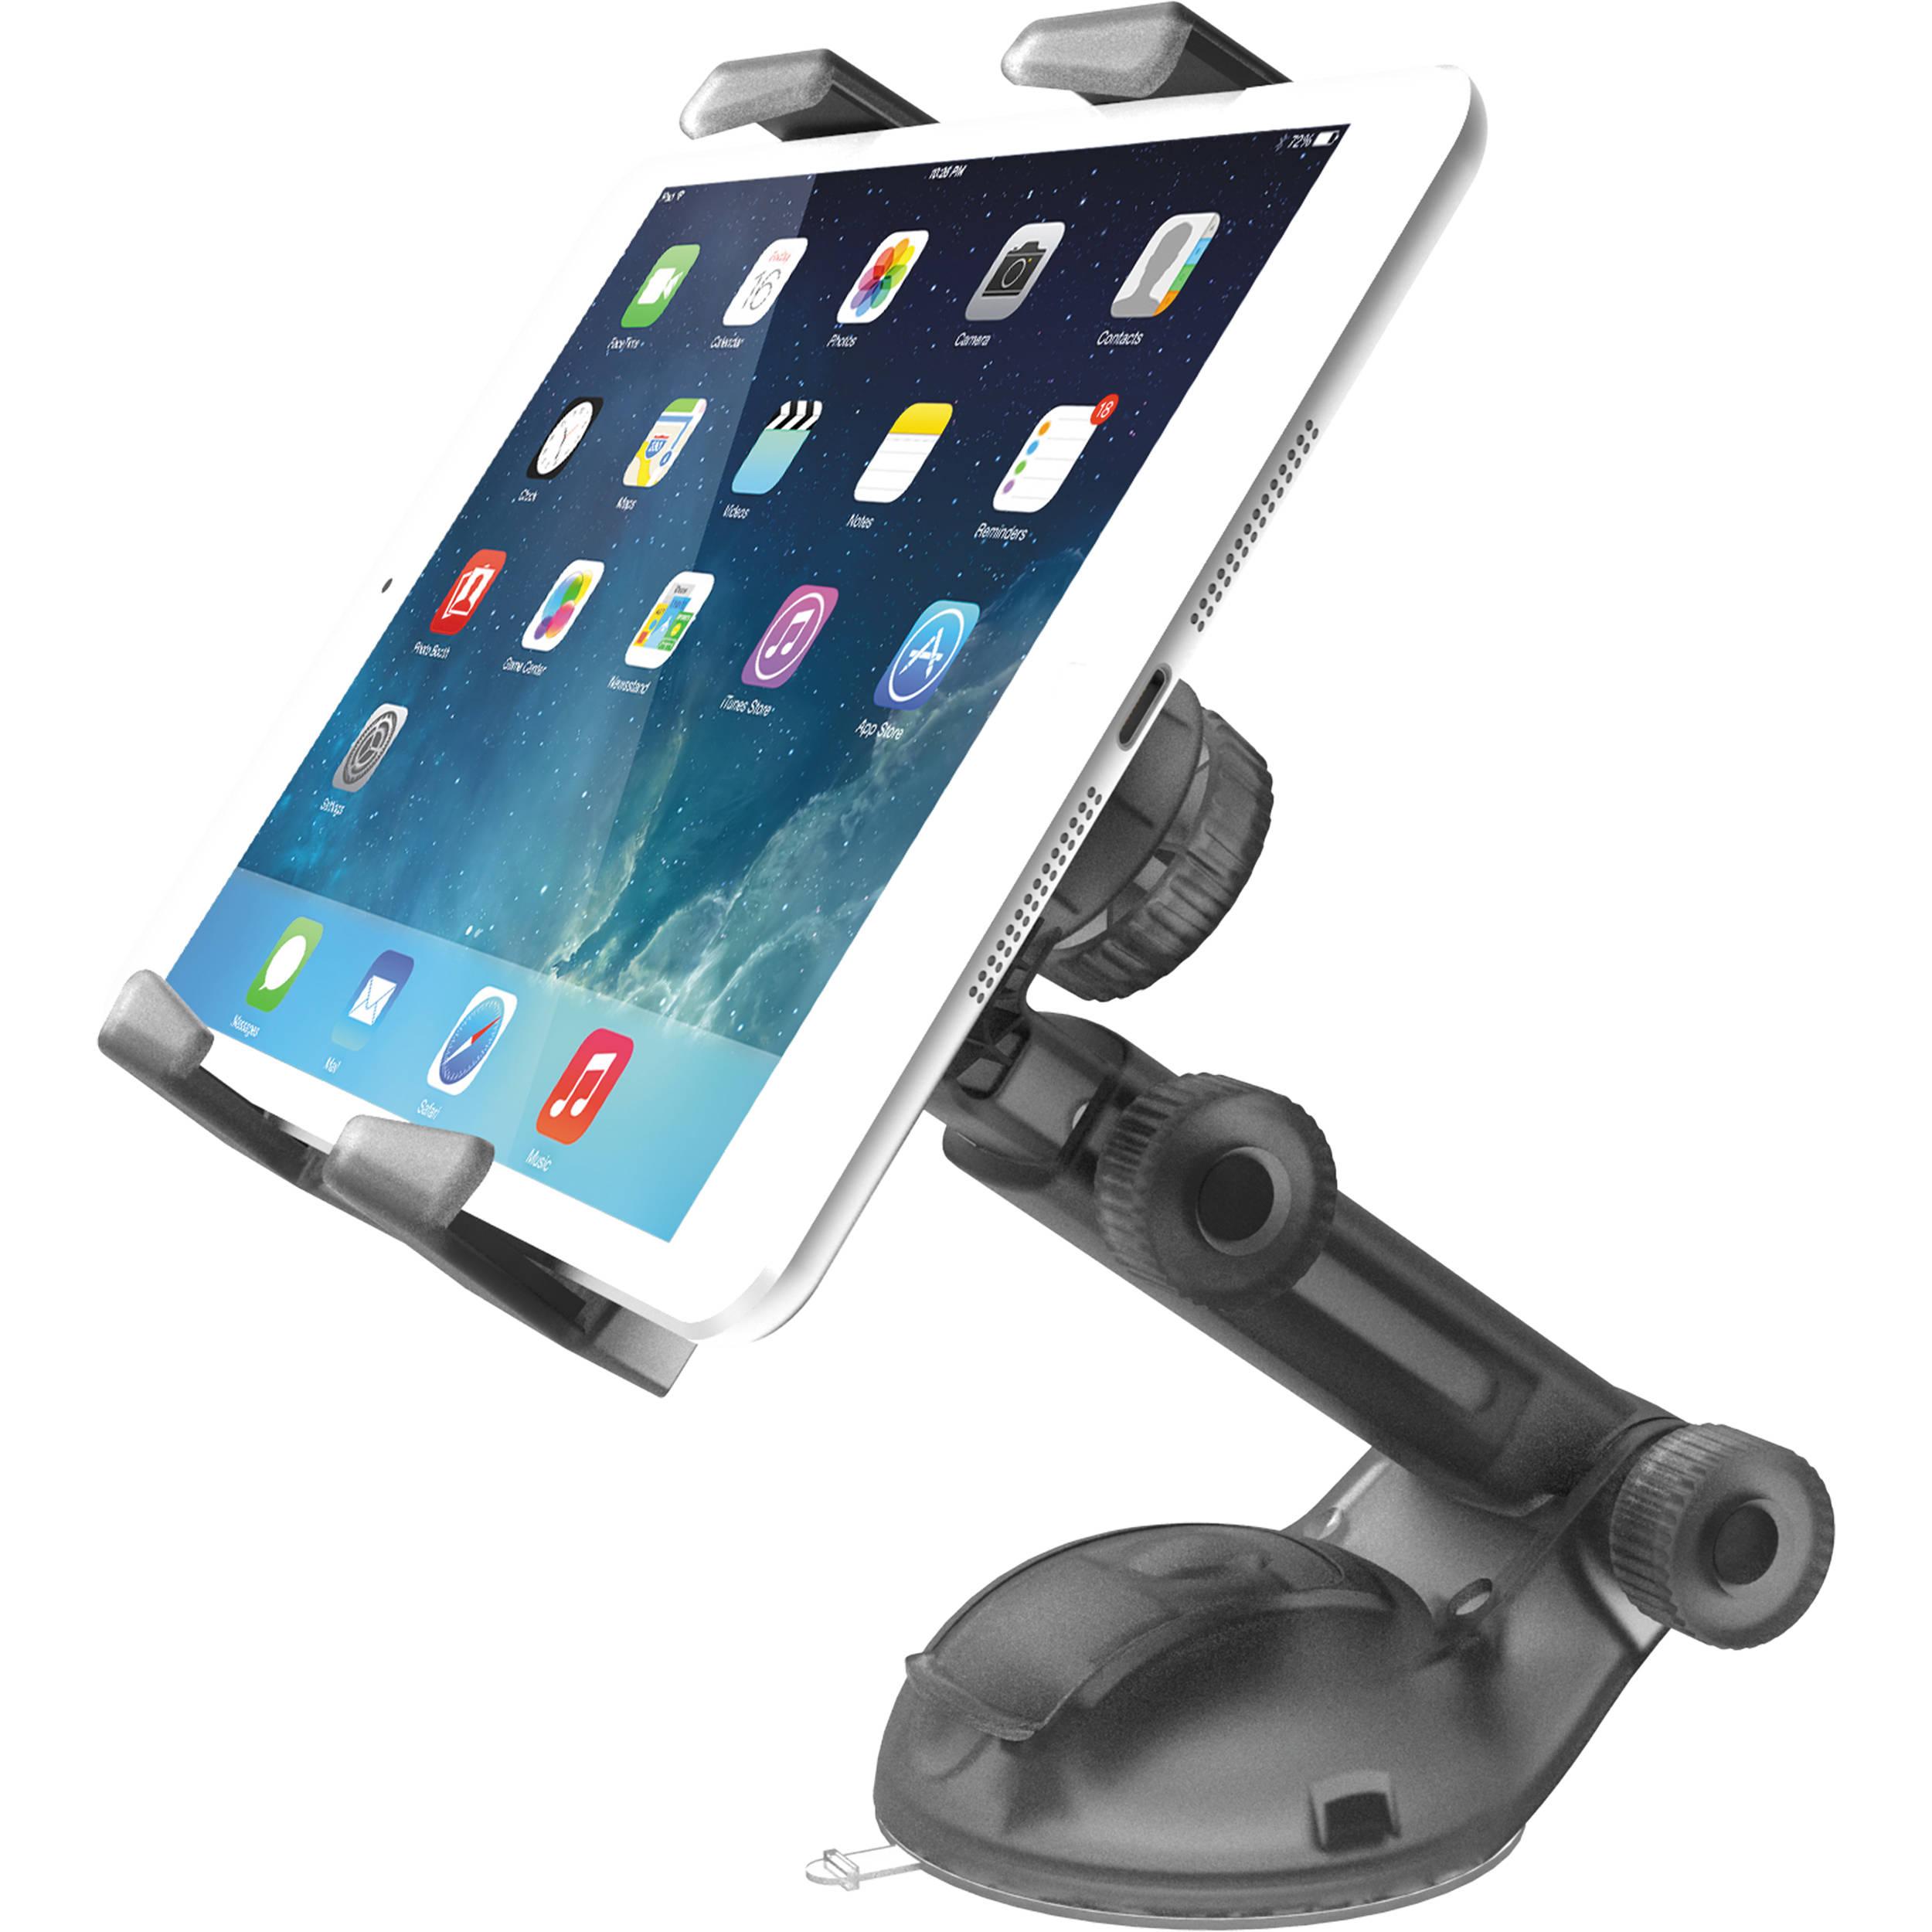 iottie easy smart tap 2 universal tablet mount - Tablet Mount